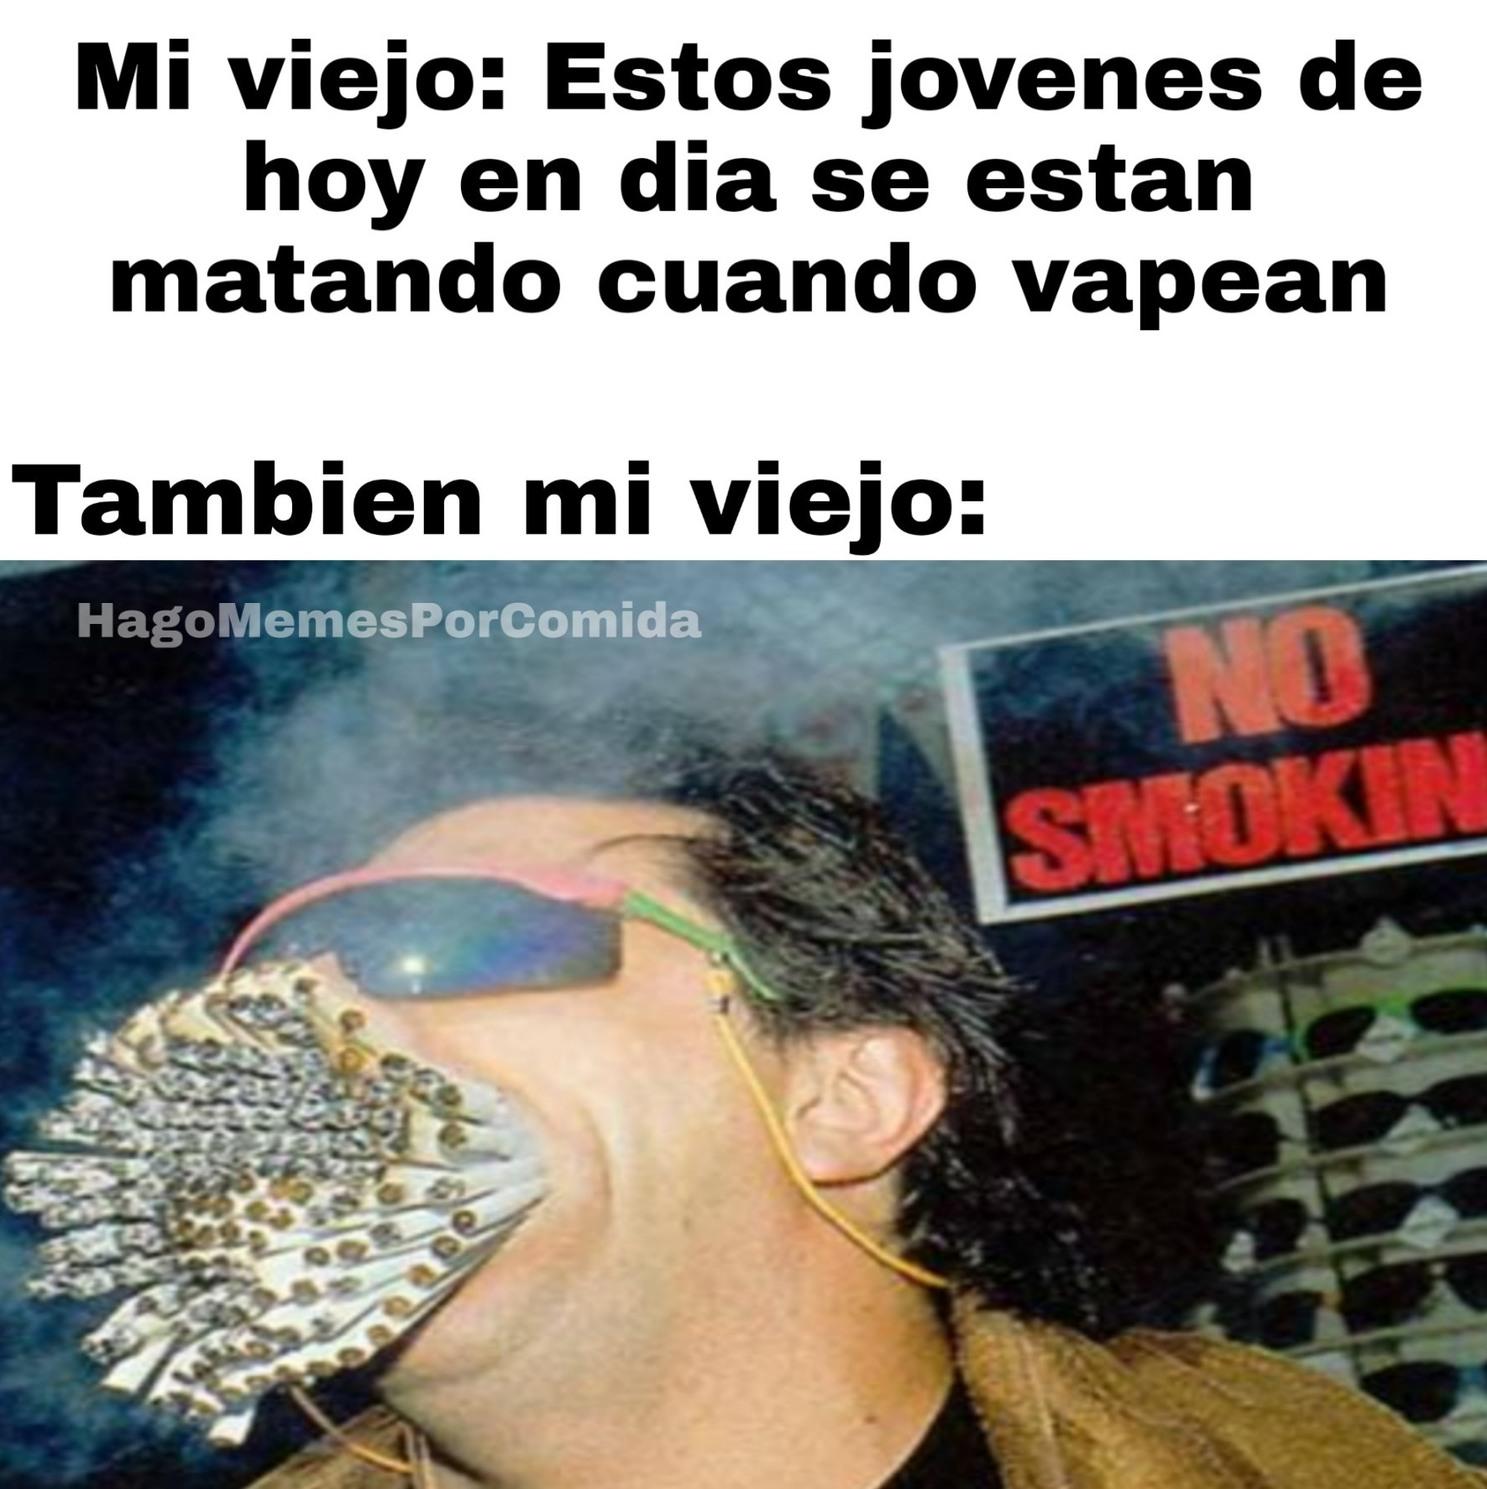 Para el que se pregunte, el weon de la foto tiene un total de 154 cigarros en la boca - meme